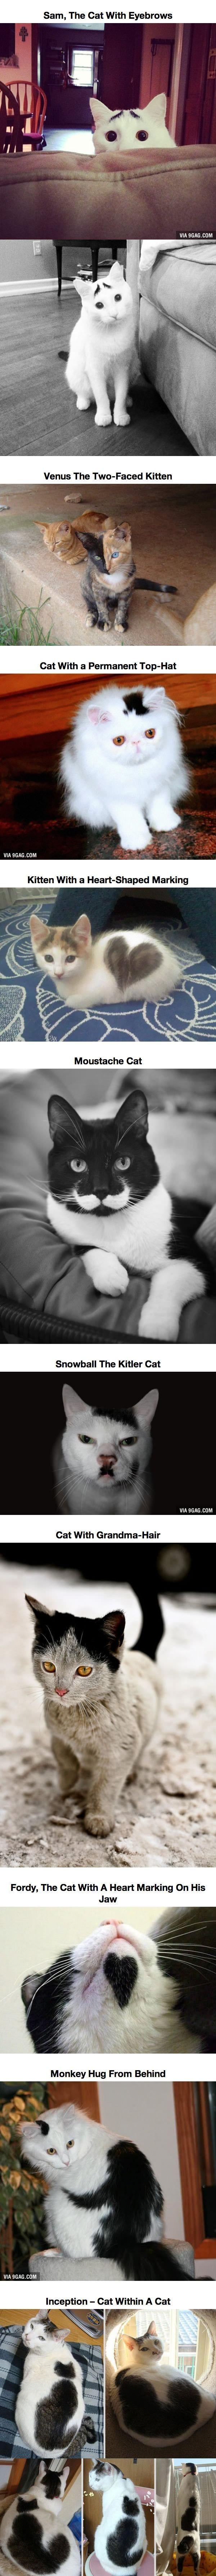 Inception - Cat within a Cat Ha ha ha!